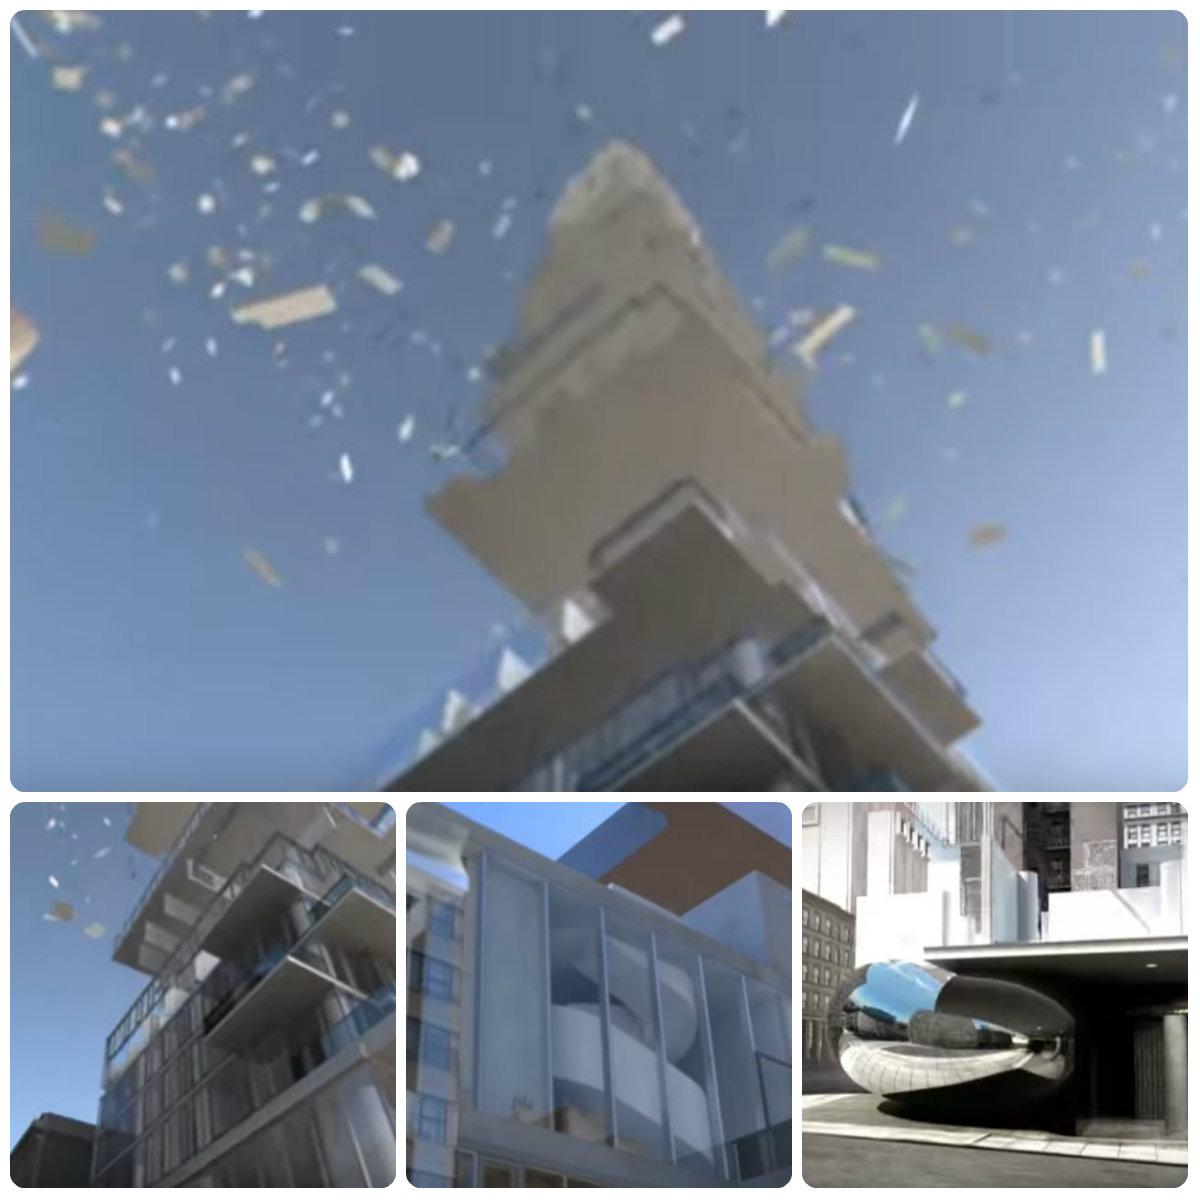 神秘买家投资5300多万美元买下曼哈顿翠贝卡街区全新奇特公寓层叠大厦的PH53和54!(草稿 ..._图1-10